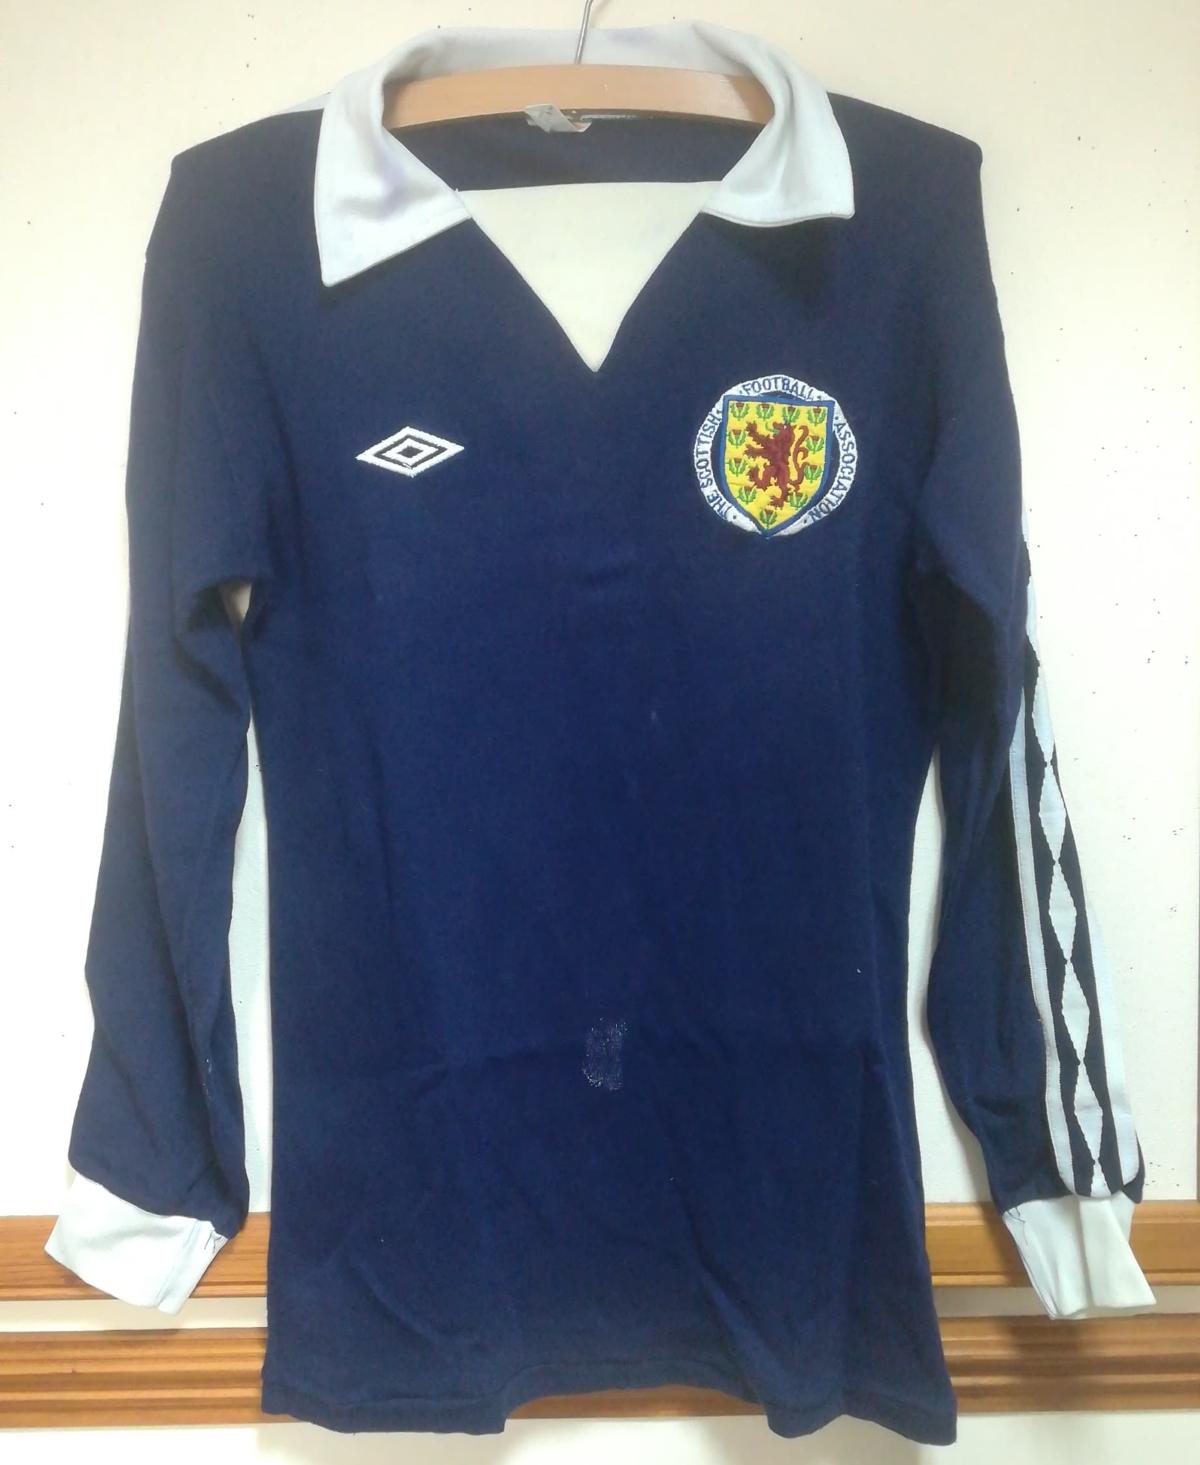 Kenny Dalglish matchworn shirt value